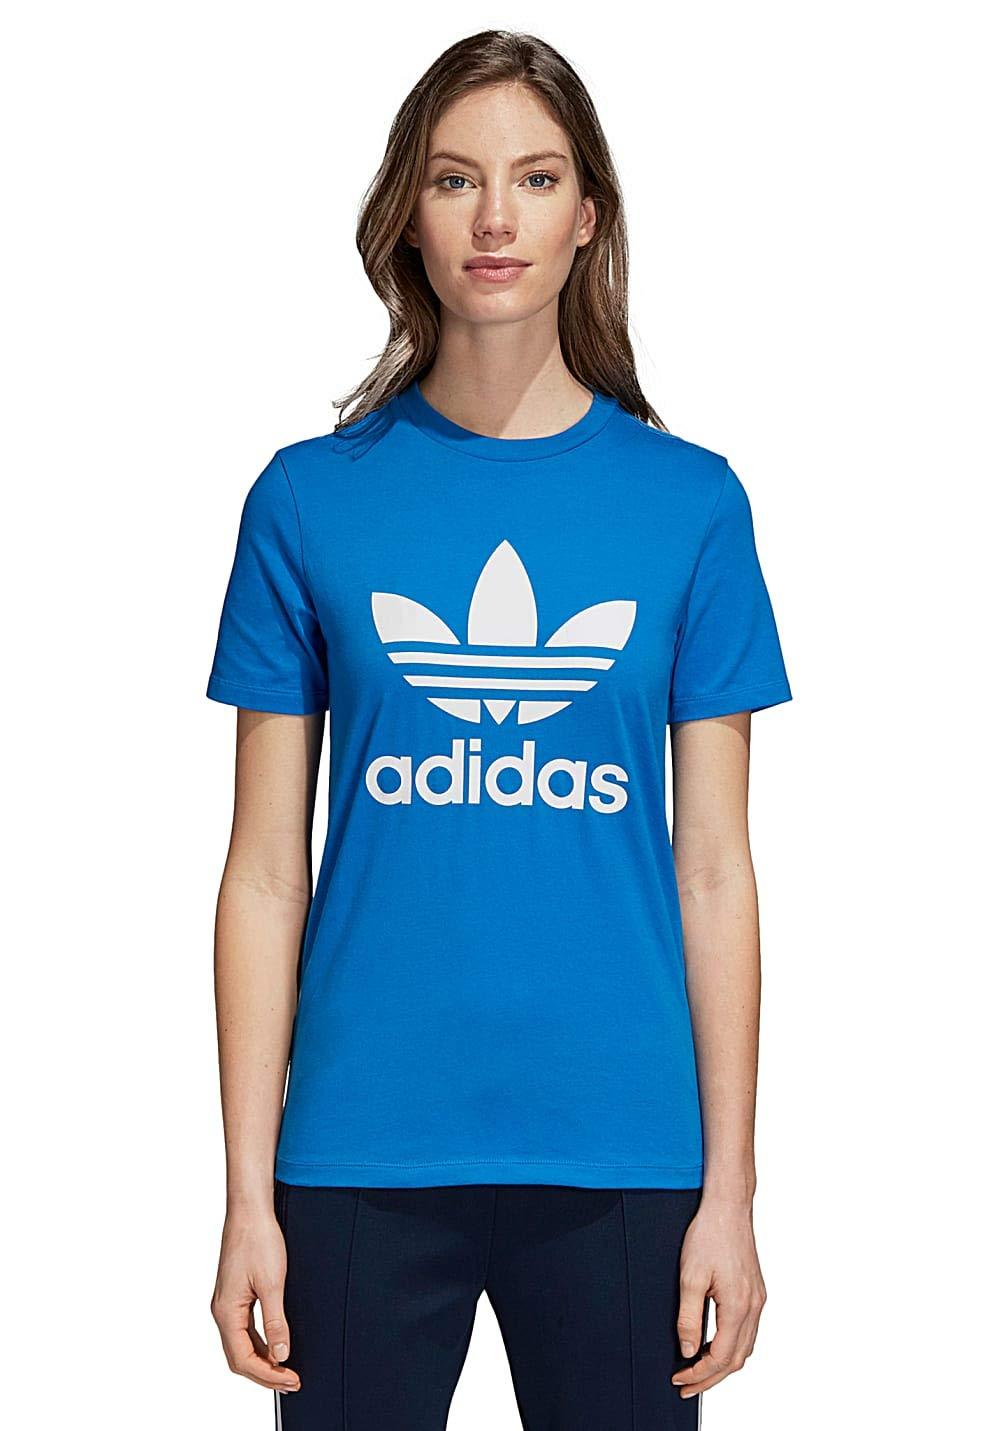 Dh3178 À Femme Shirt Capuche Cadeaux Trefoil Sweat De Magasin Adidas HfwSqvgnw